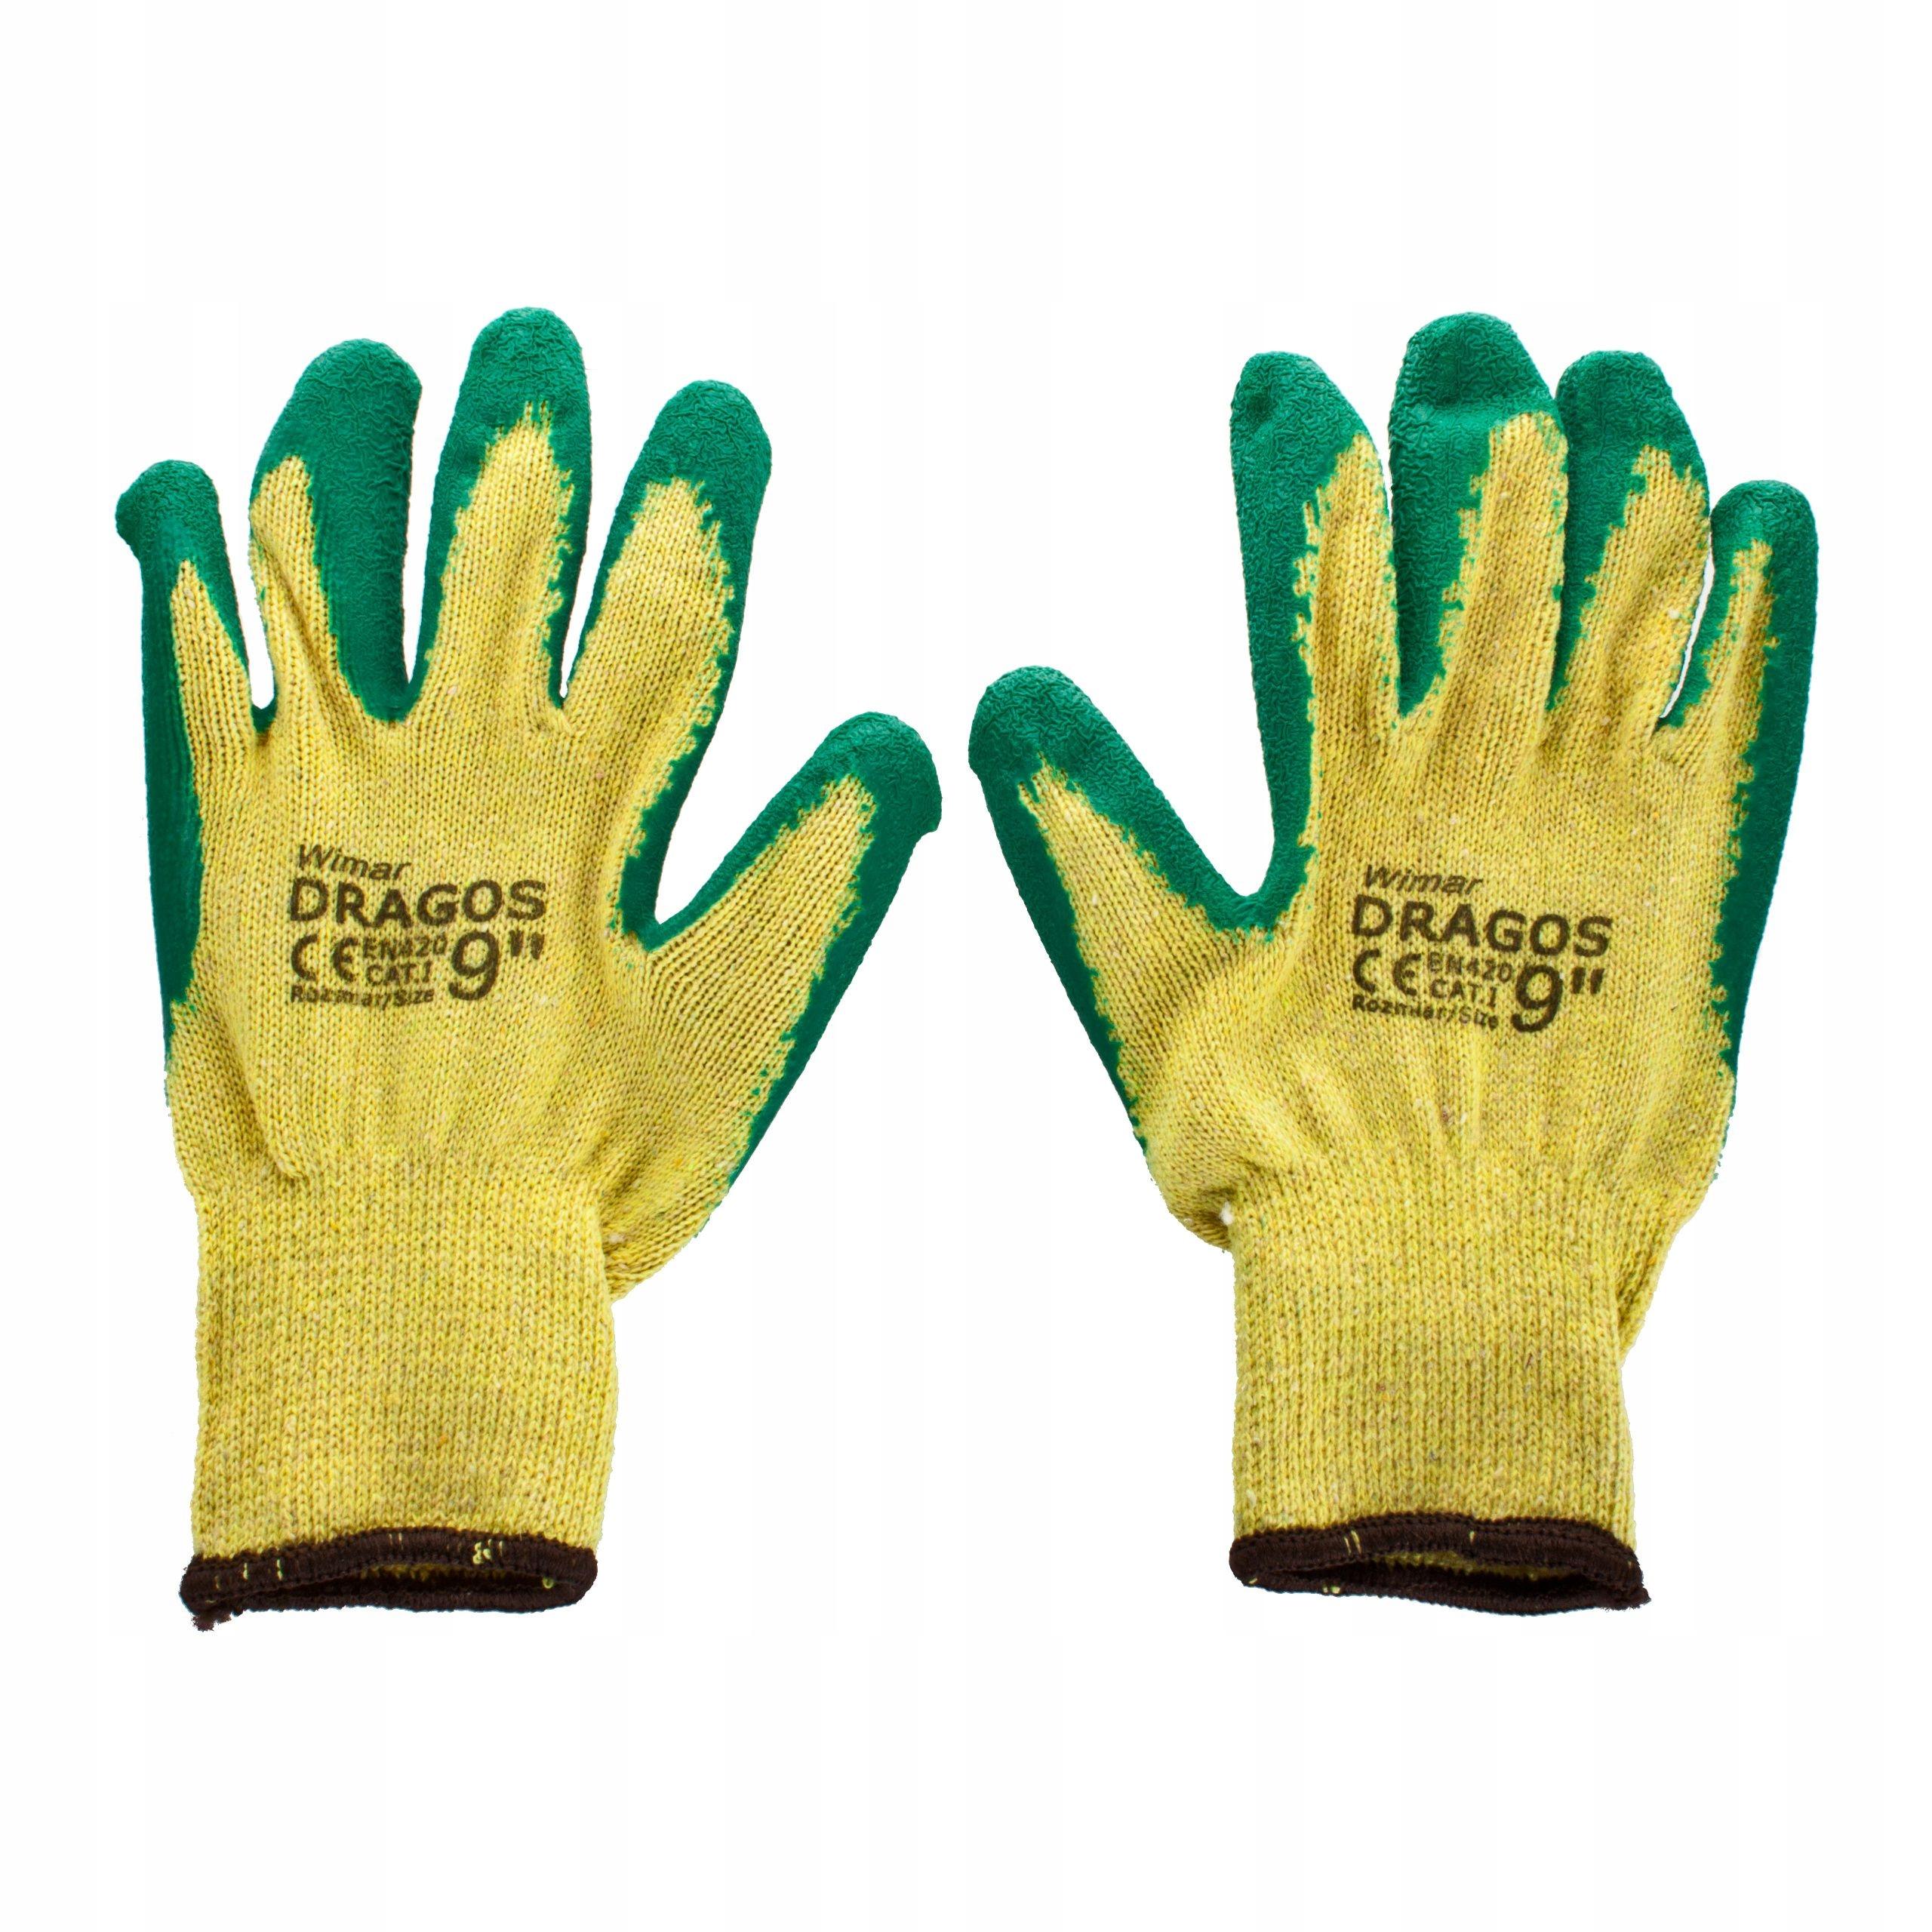 Ochranné rukavice Dragon 9 Pracovné rukavice